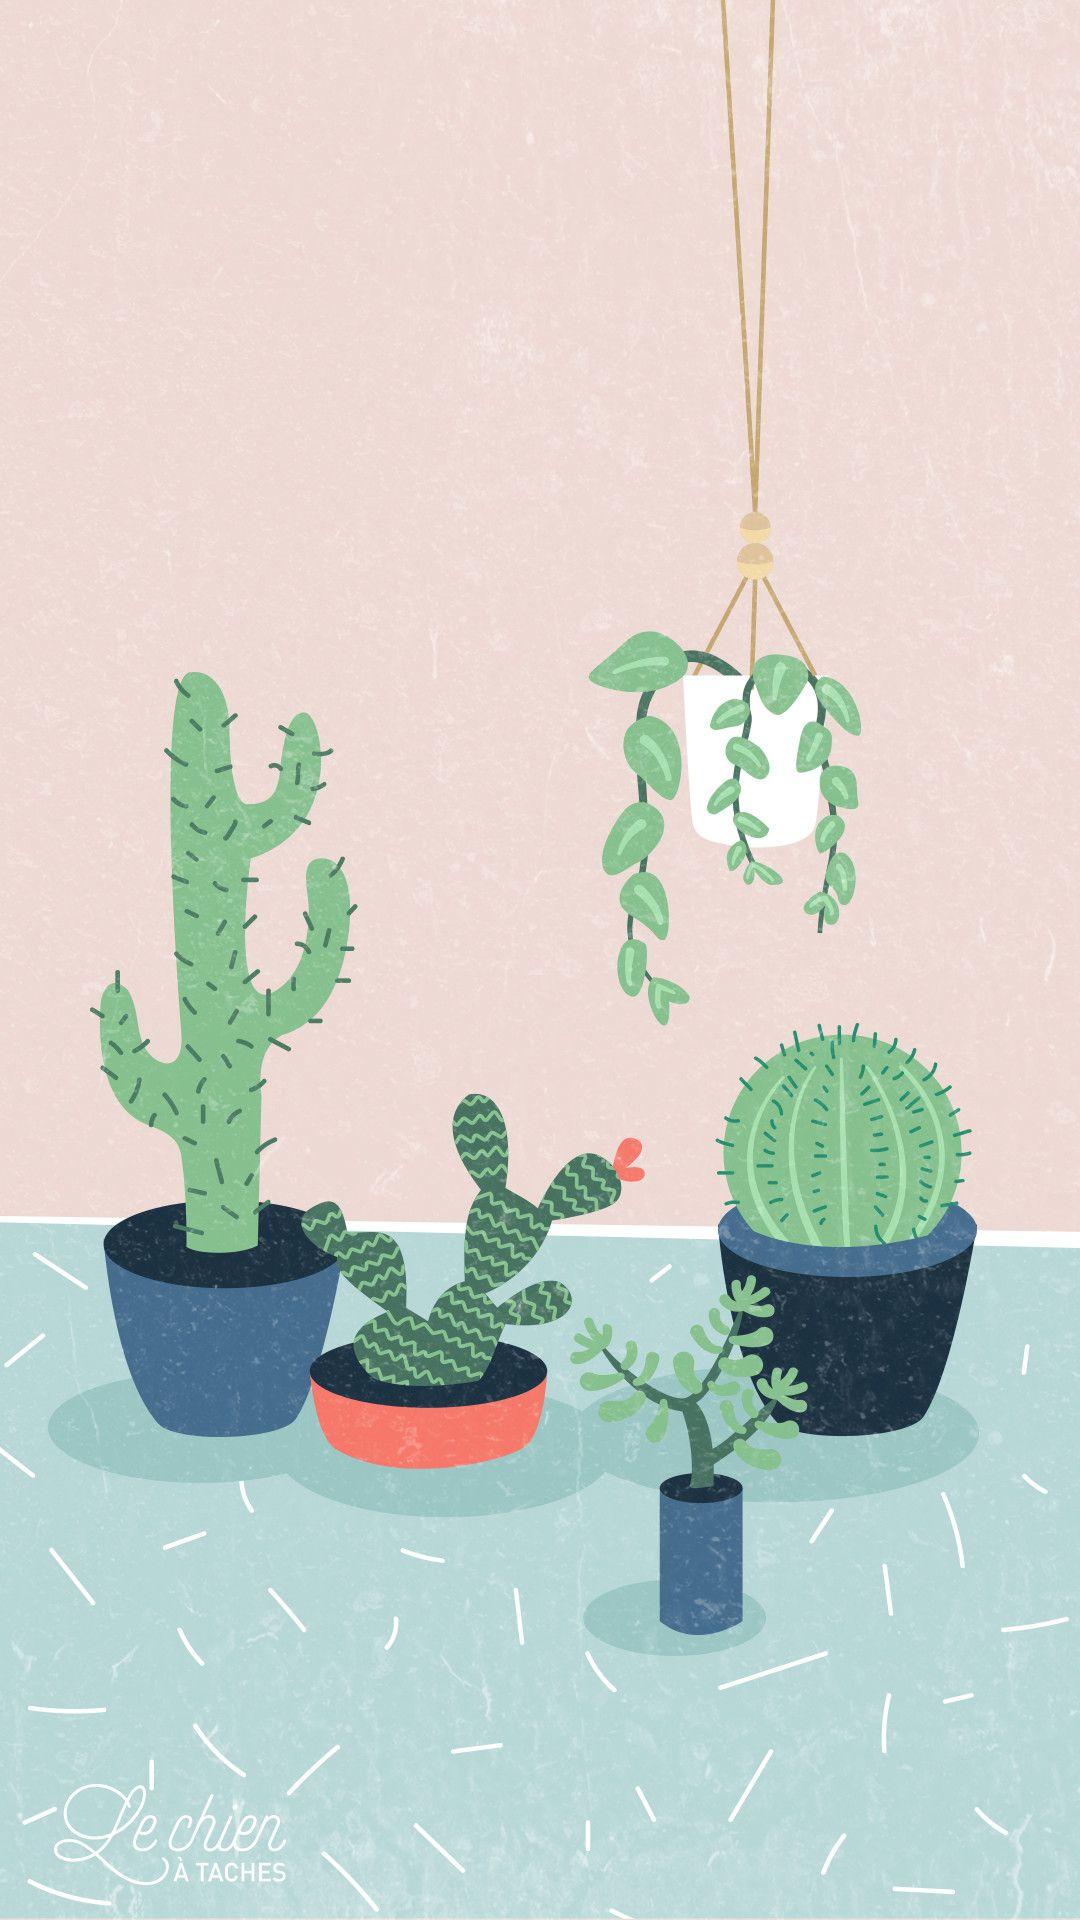 Cactus Wallpaper Planos De Fundo Papel De Parede De Fundo Branco Wallpaper Fofos